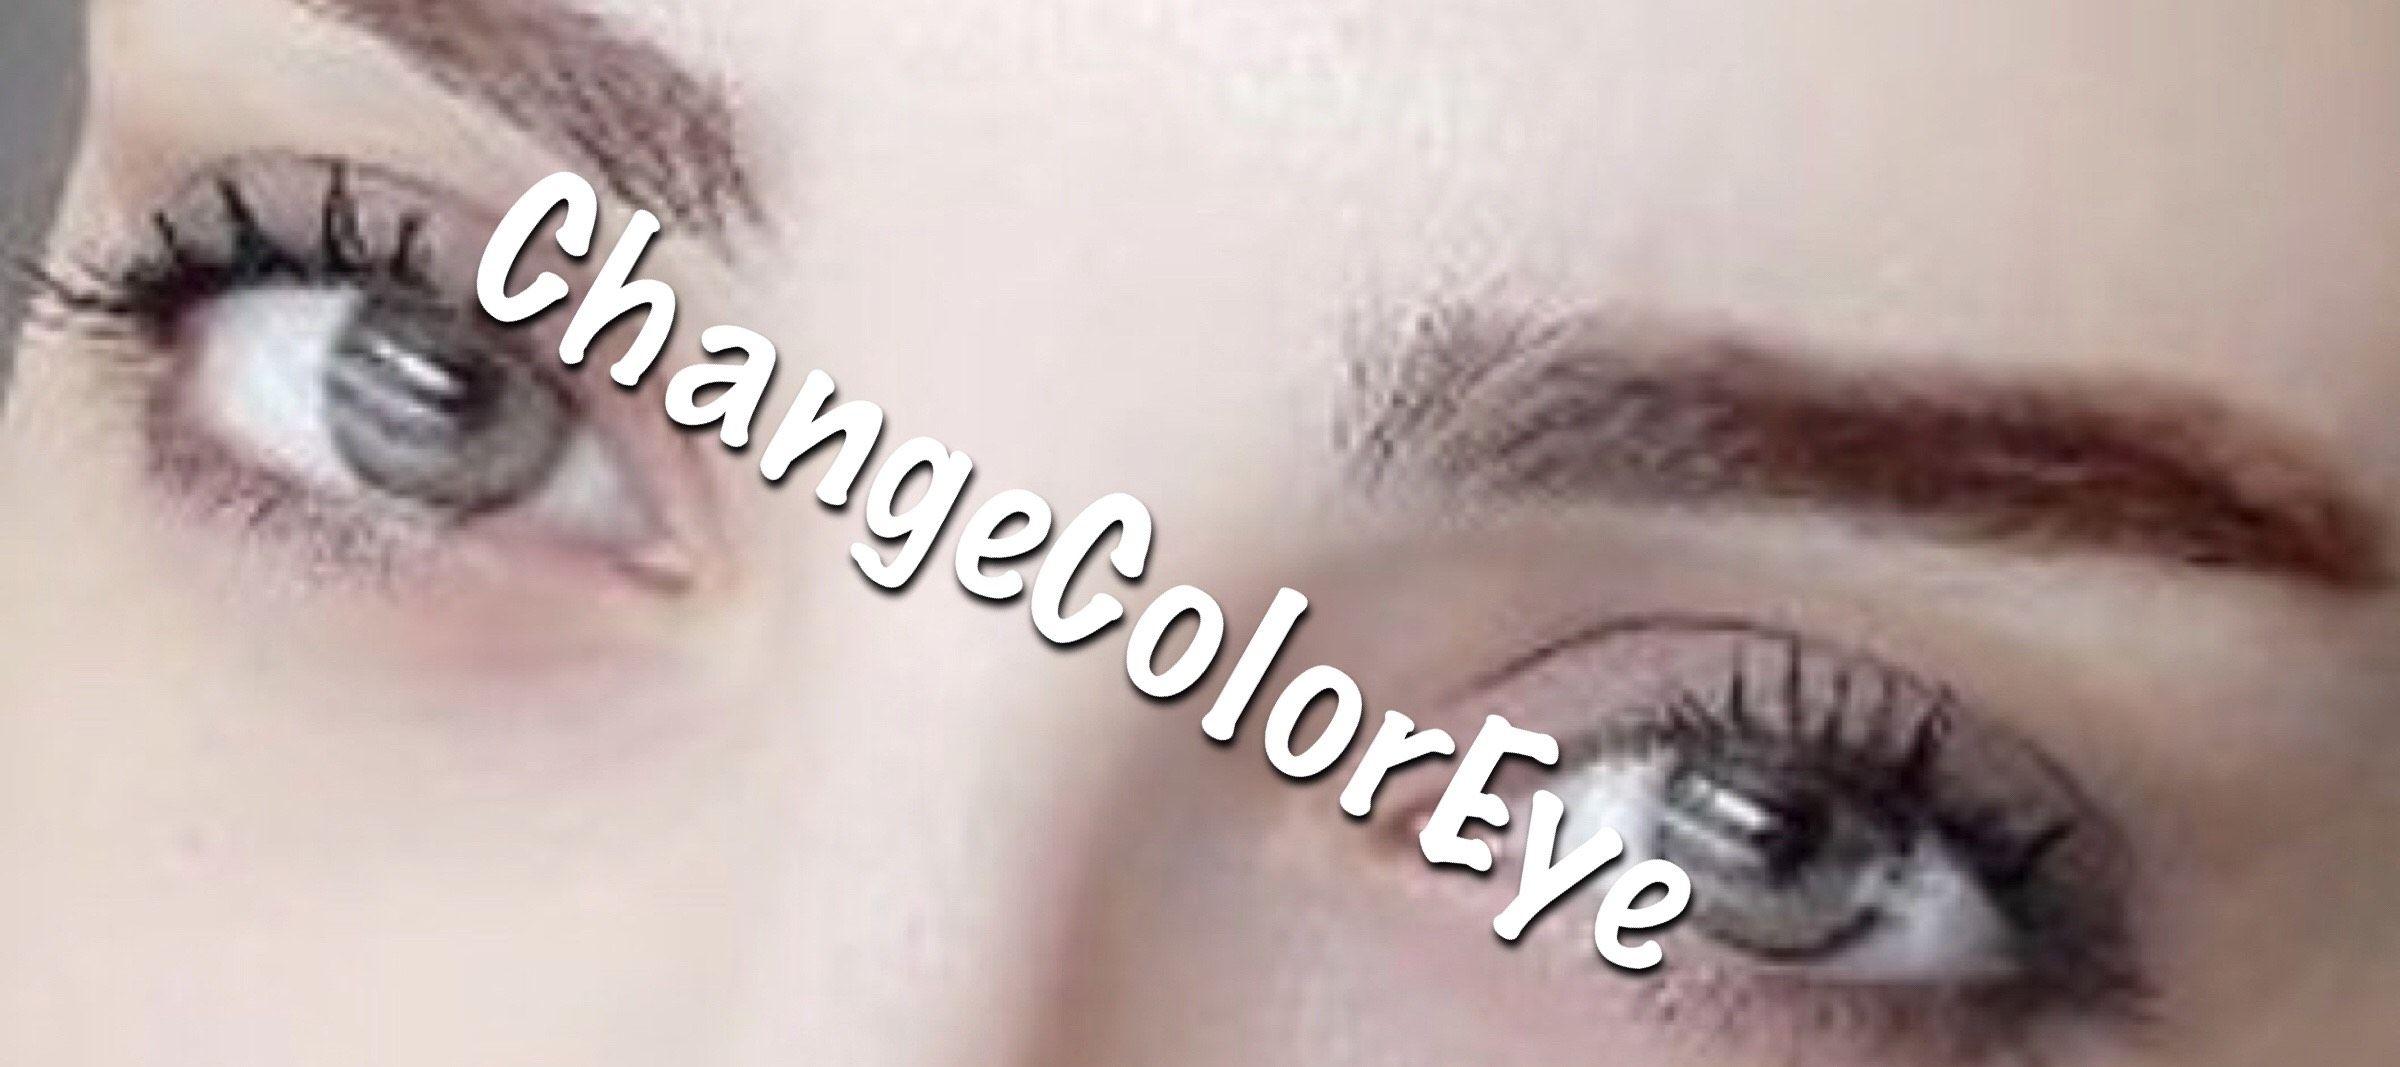 لا تستمع اذا لم تكن تريد عيون خضراء سبليمنال قوي ومضاعف التأثير Eye Color Change Eye Color Glittery Smokey Eye